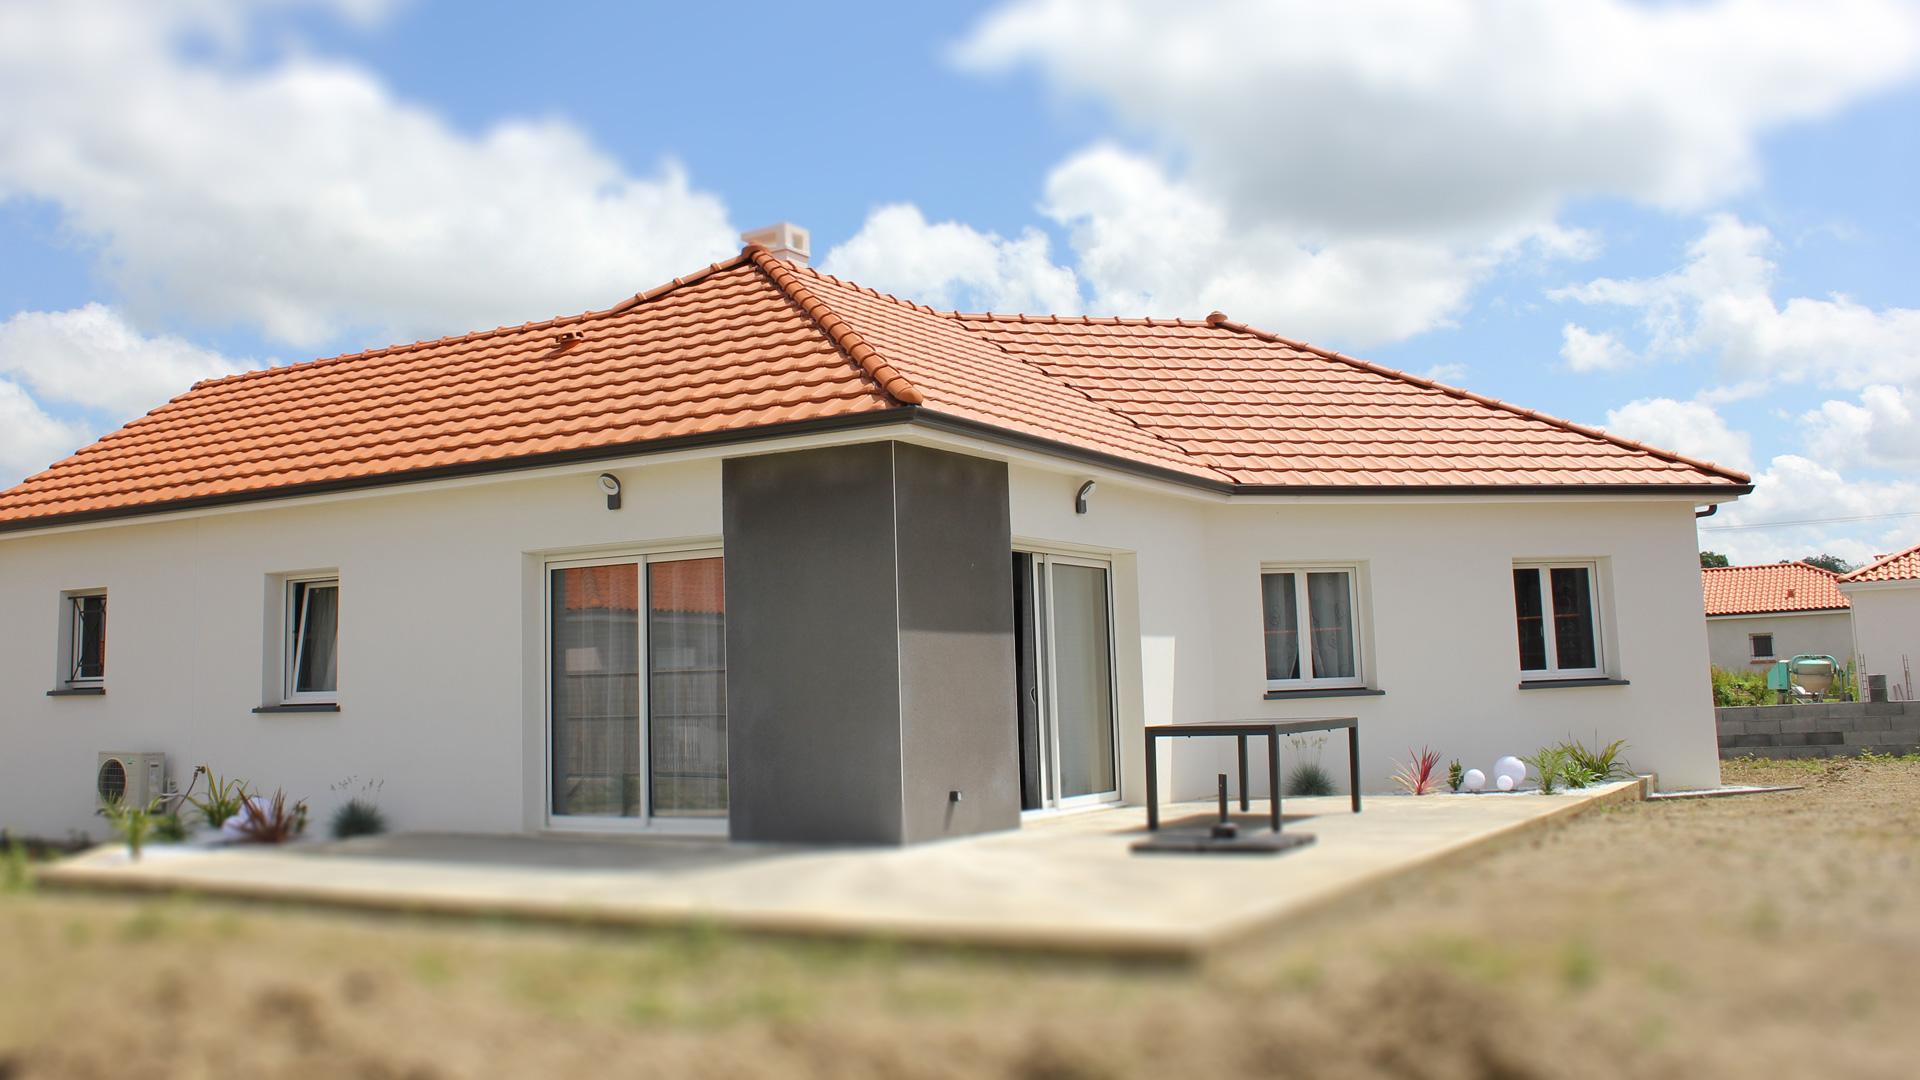 La Bonne Maison - Maison moderne